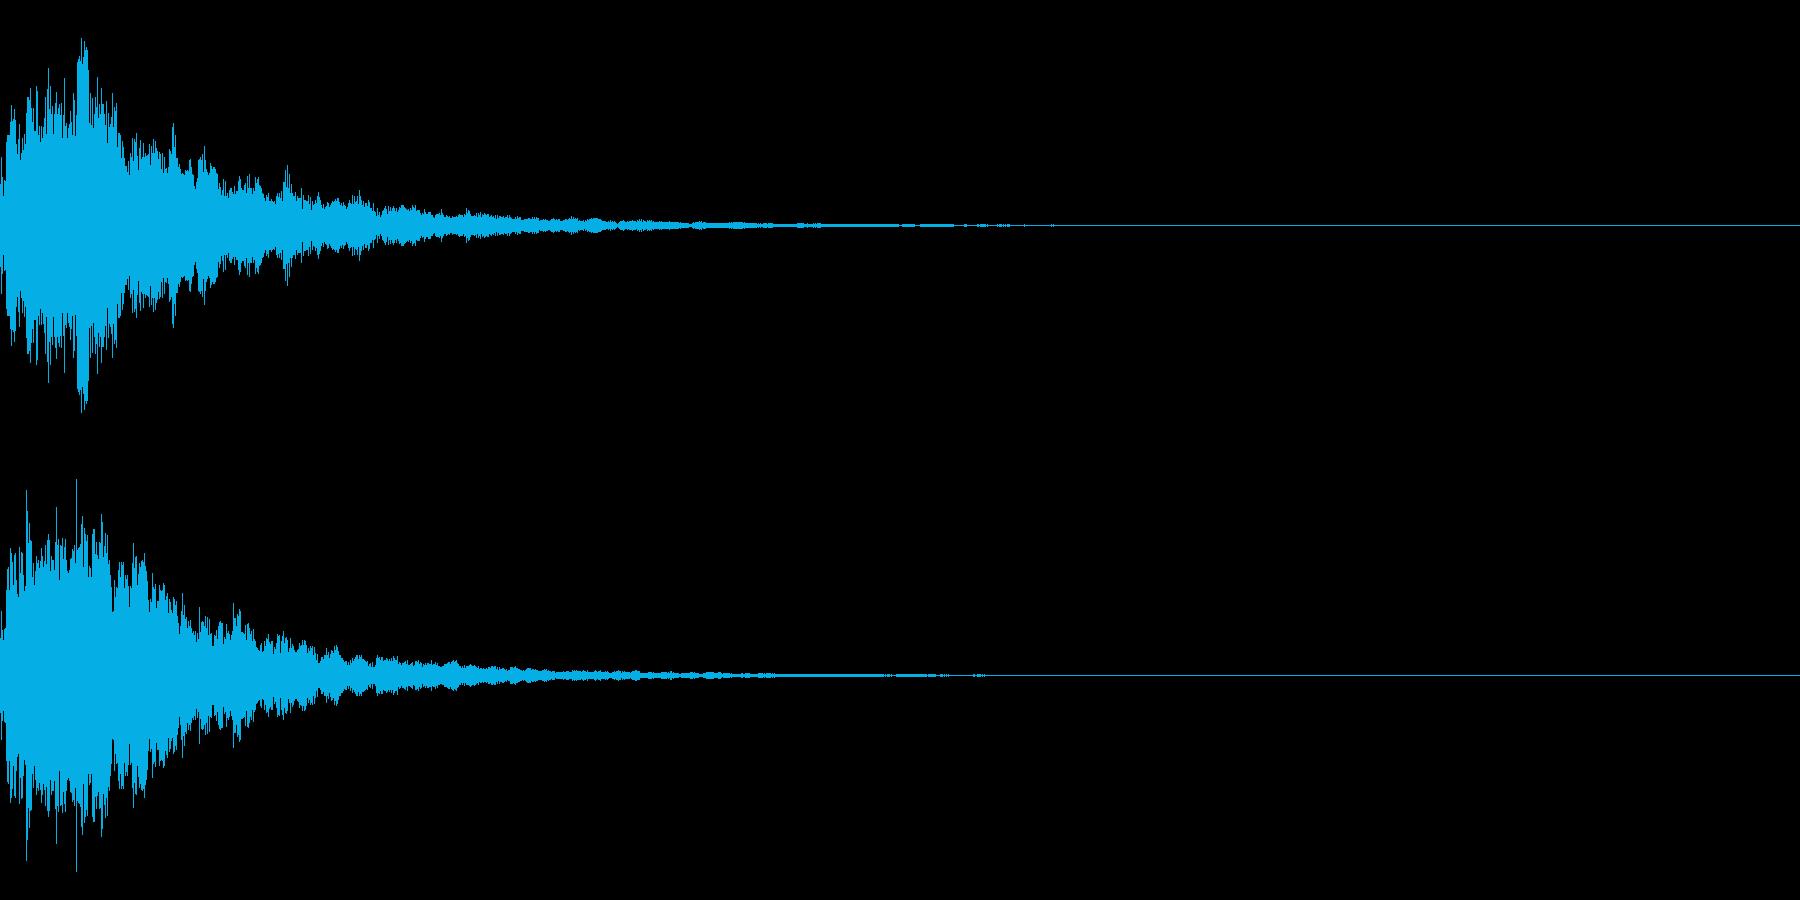 明るいテロップ音 ボタン音 決定音!02の再生済みの波形